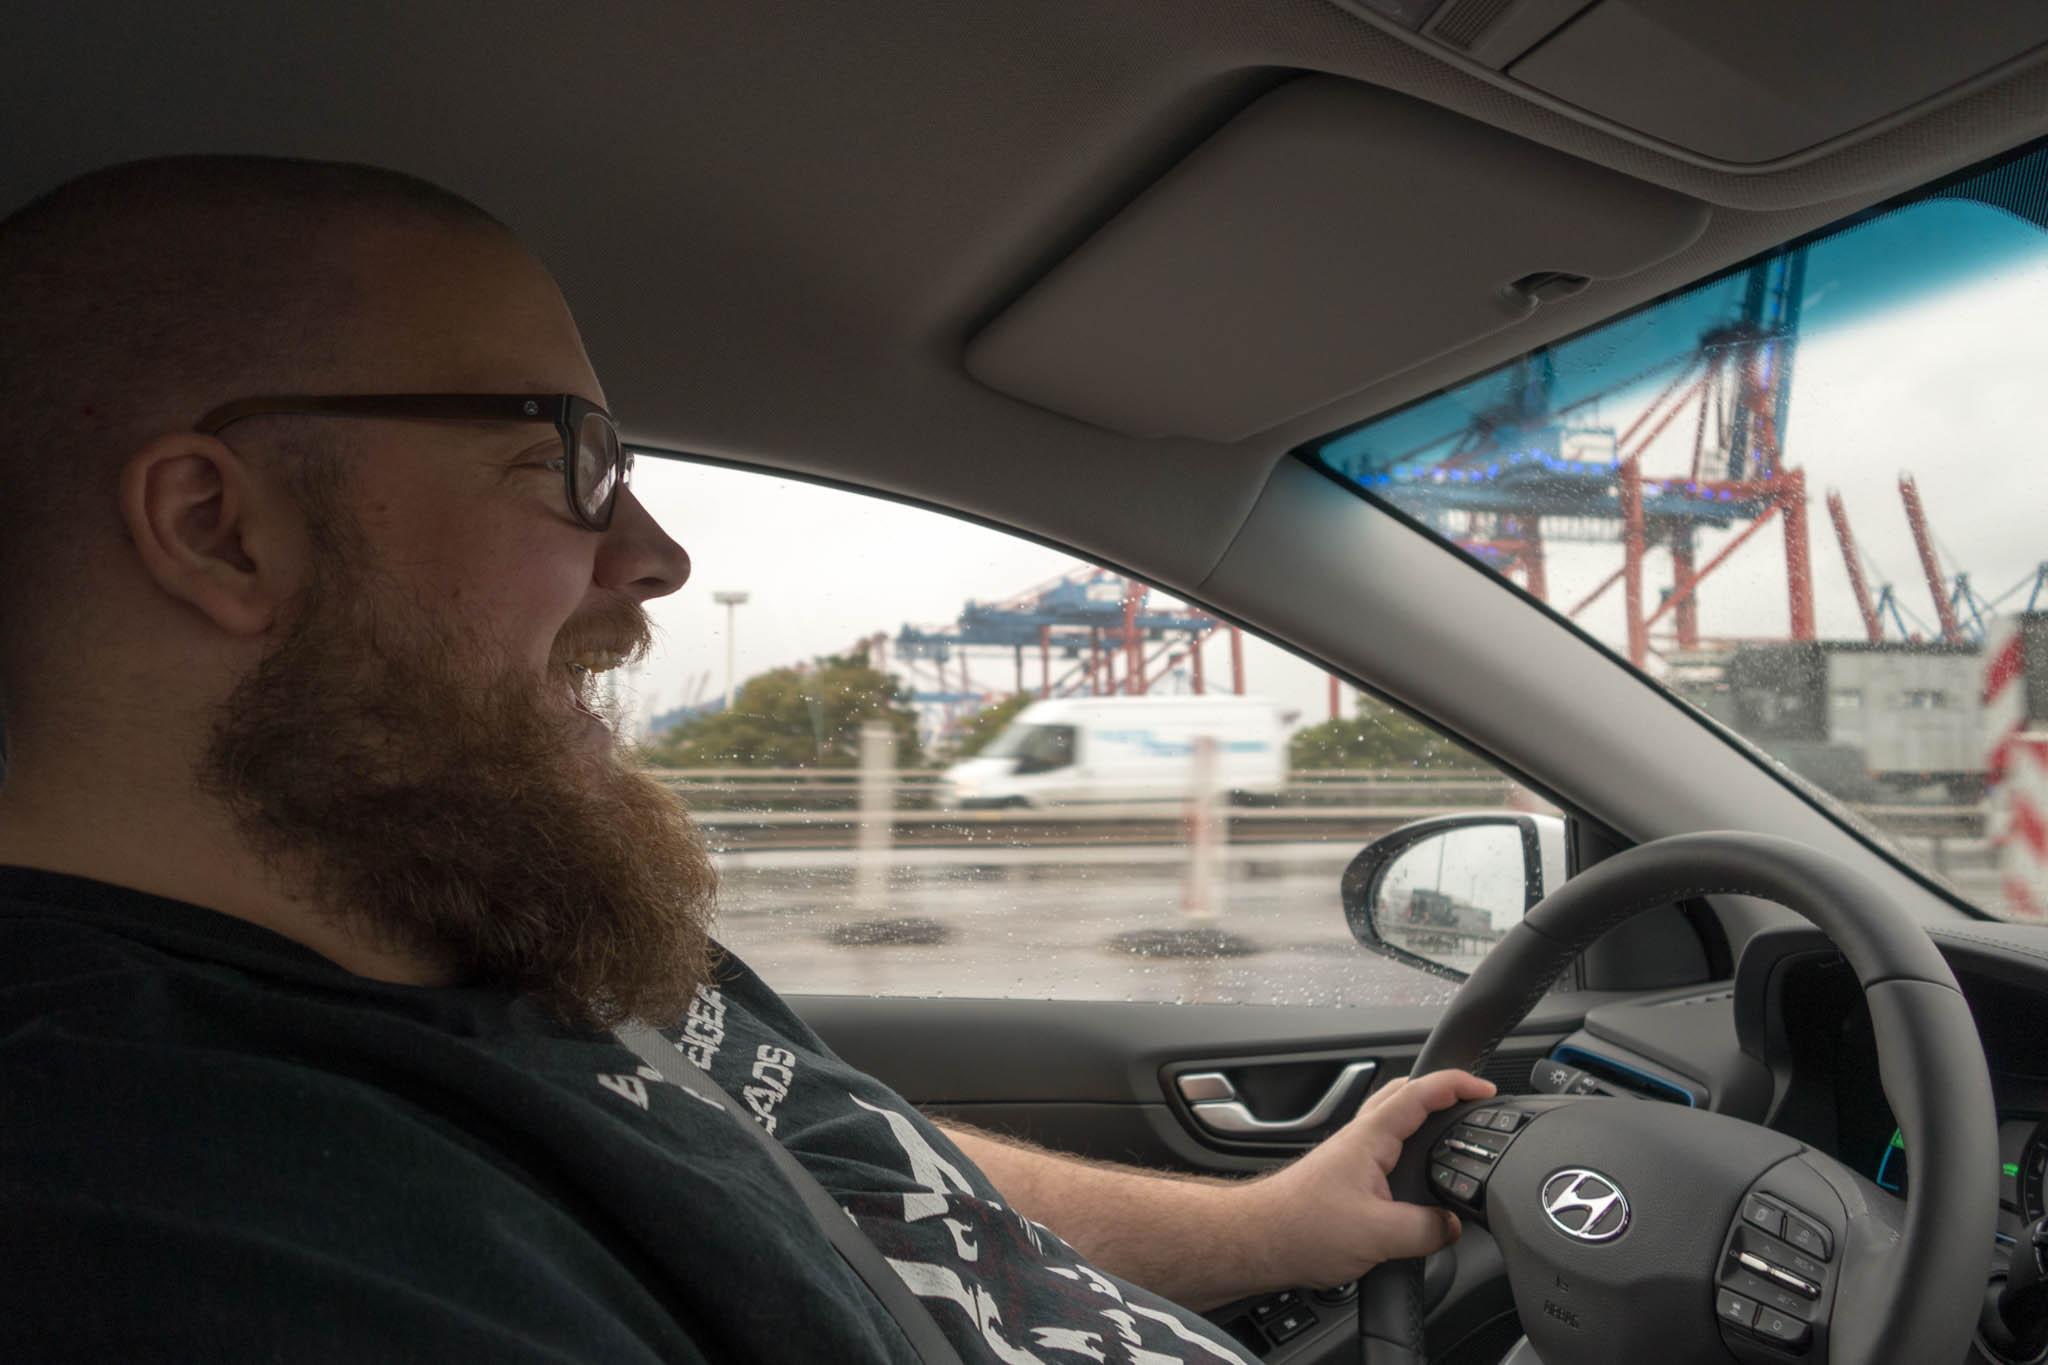 Vogt, der verrückte Autofahrer